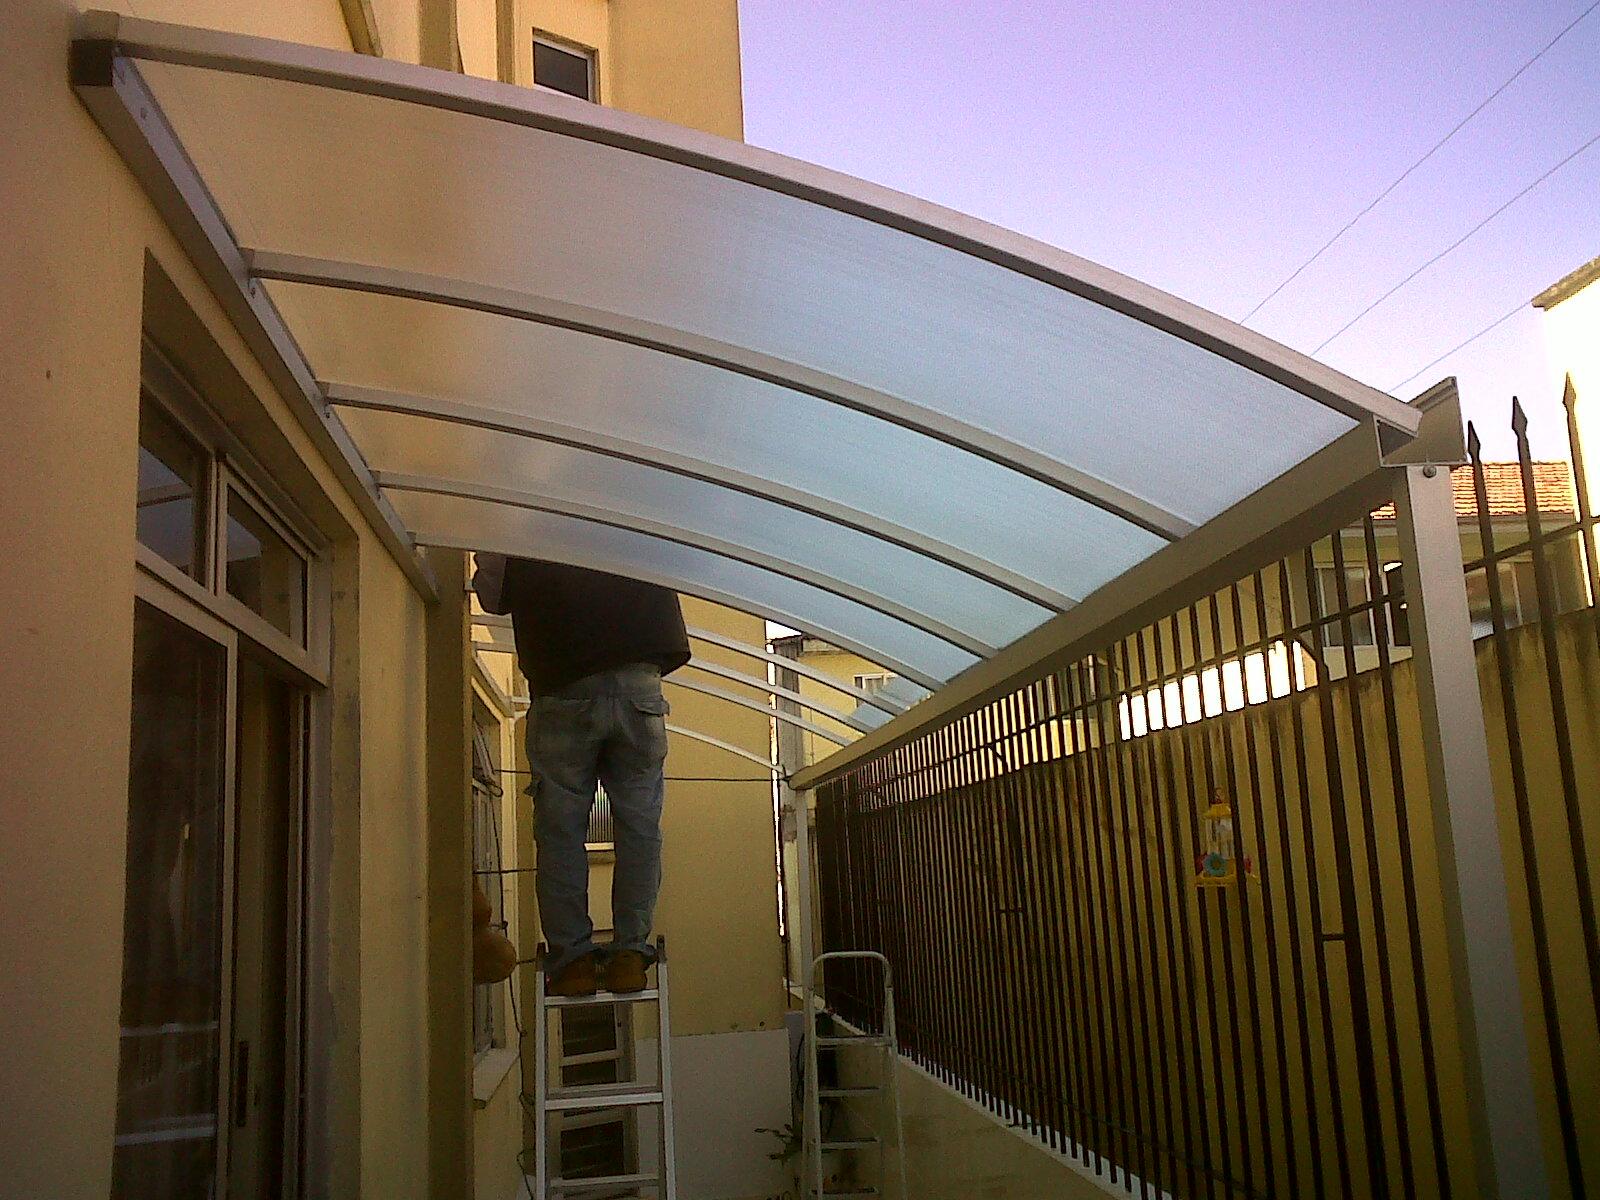 calhas e rufos de aluminio barras com 6 metros destinados